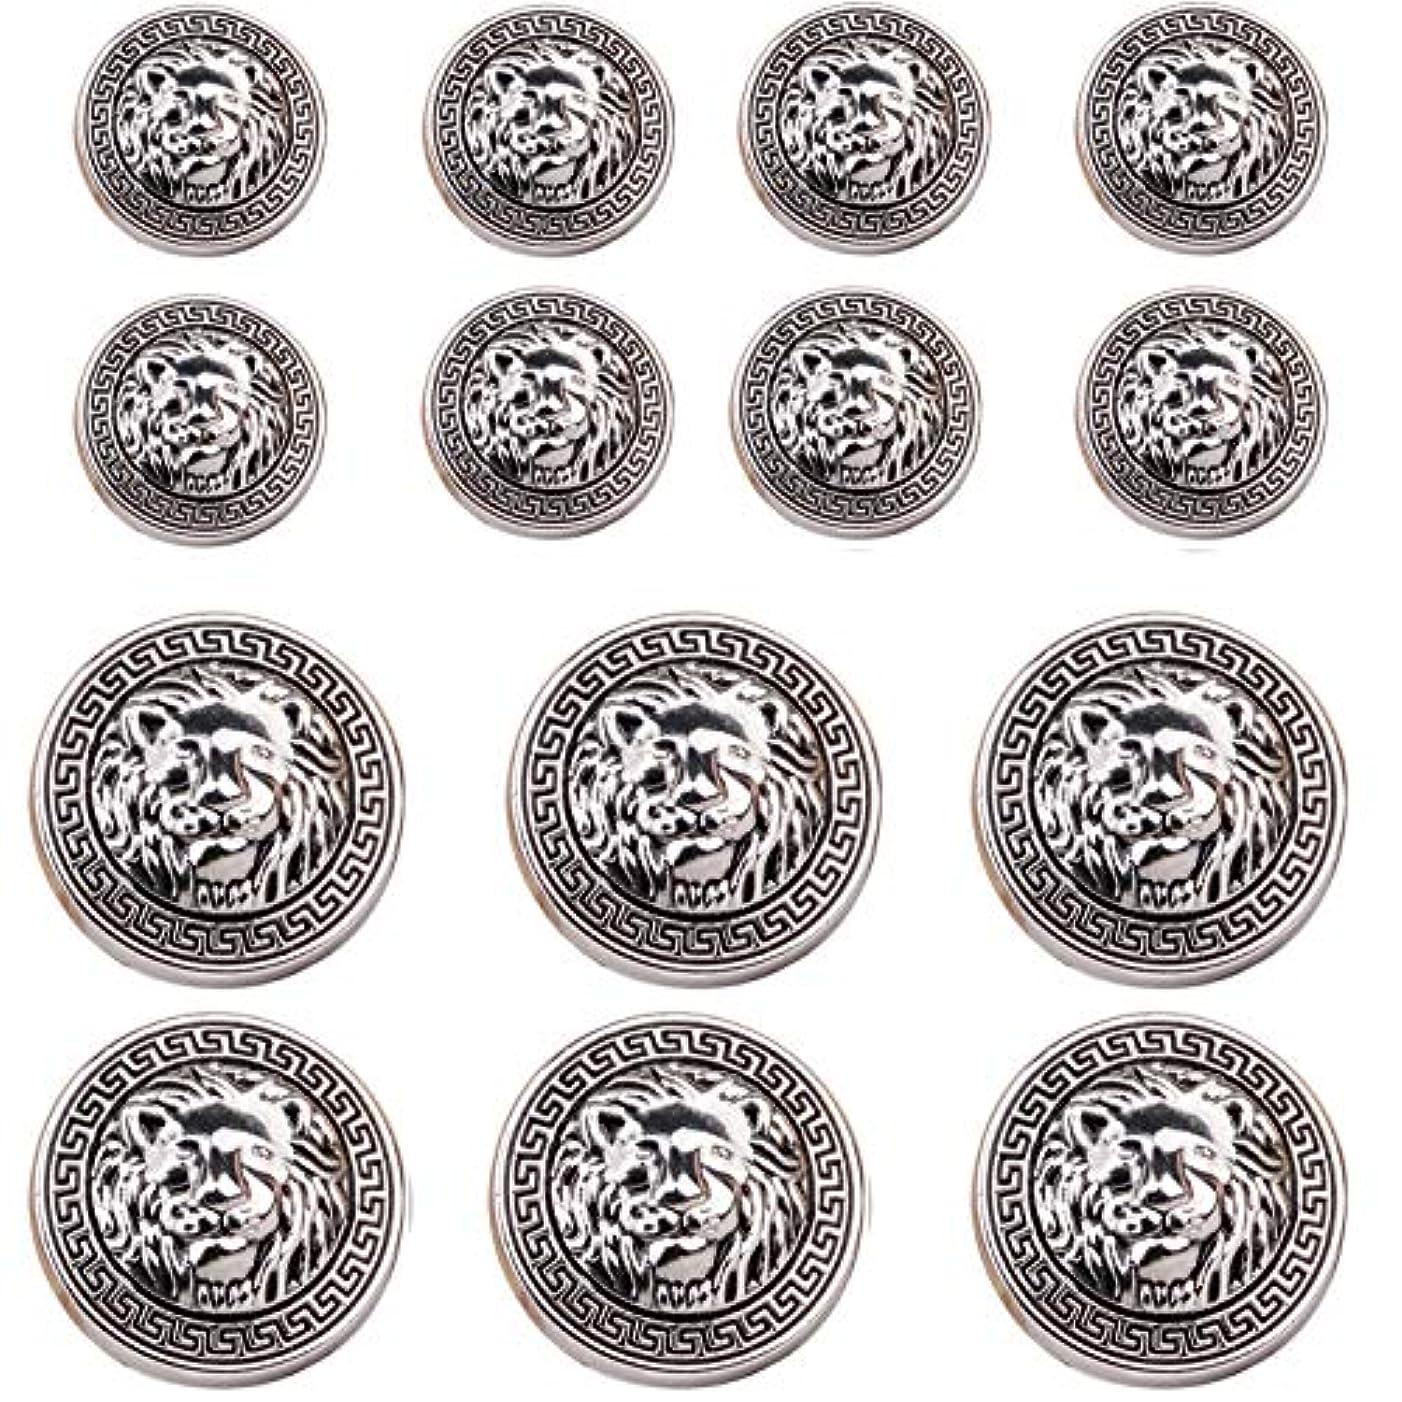 14 Pieces Silver Vintage Antique Metal Blazer Button Set - 3D Lion Head - for Blazer, Suits, Sport Coat,18mm 23mm